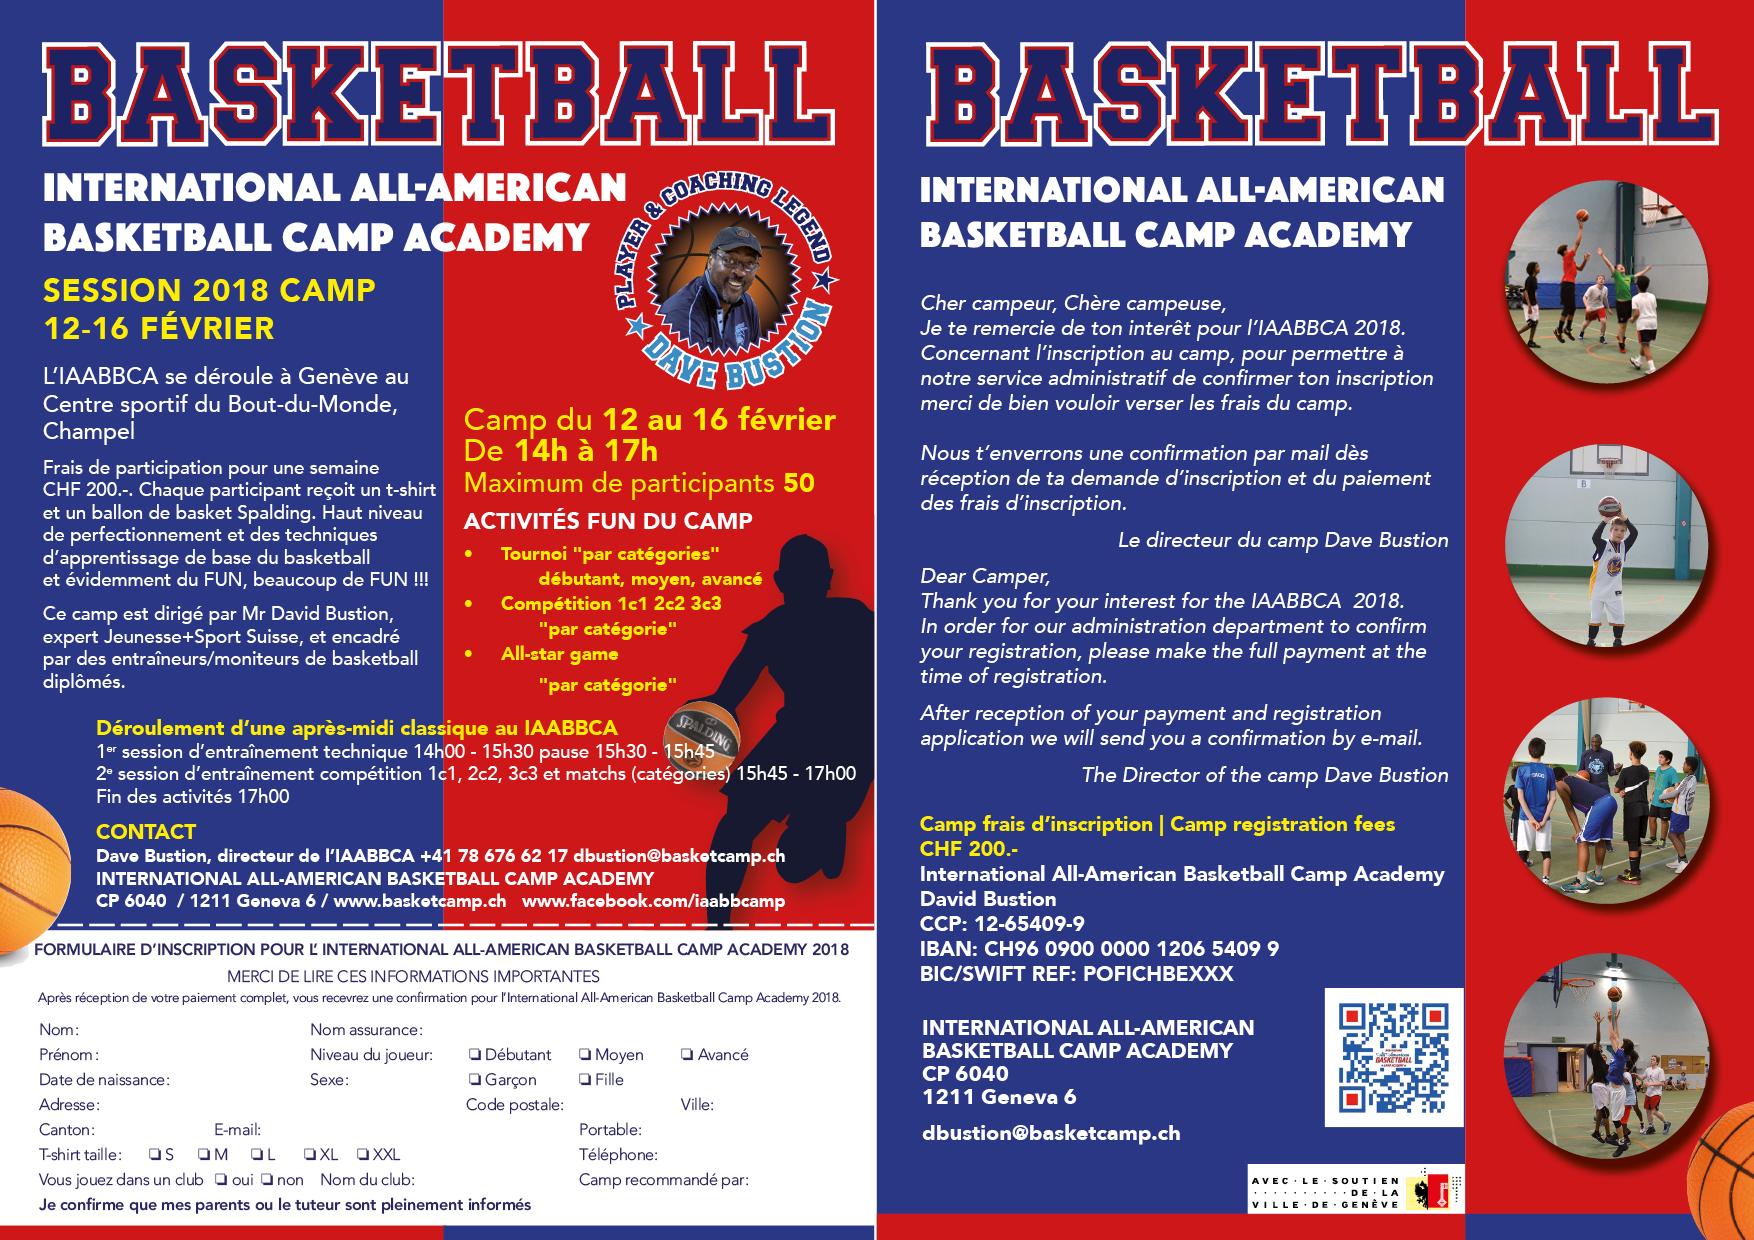 basketballcamp-geneva-fevrier-geneve